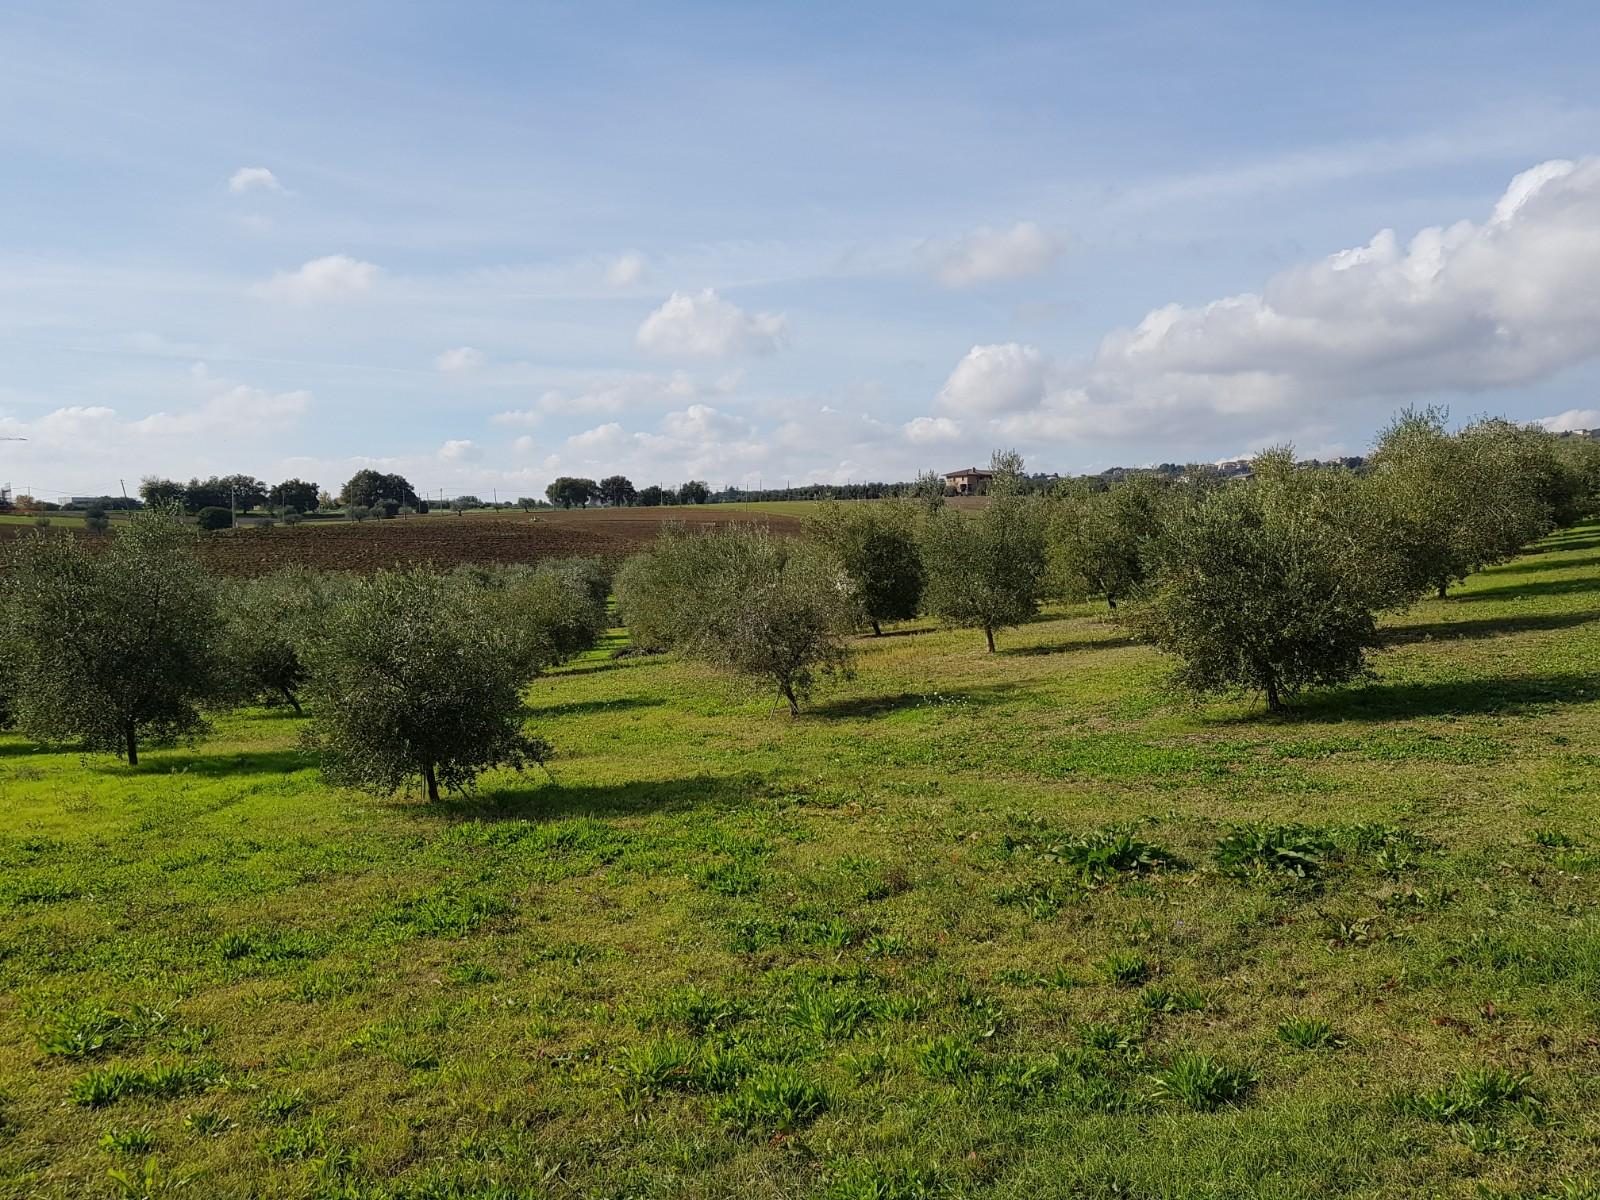 Terreno Agricolo in vendita a Morrovalle, 9999 locali, prezzo € 59.000 | CambioCasa.it